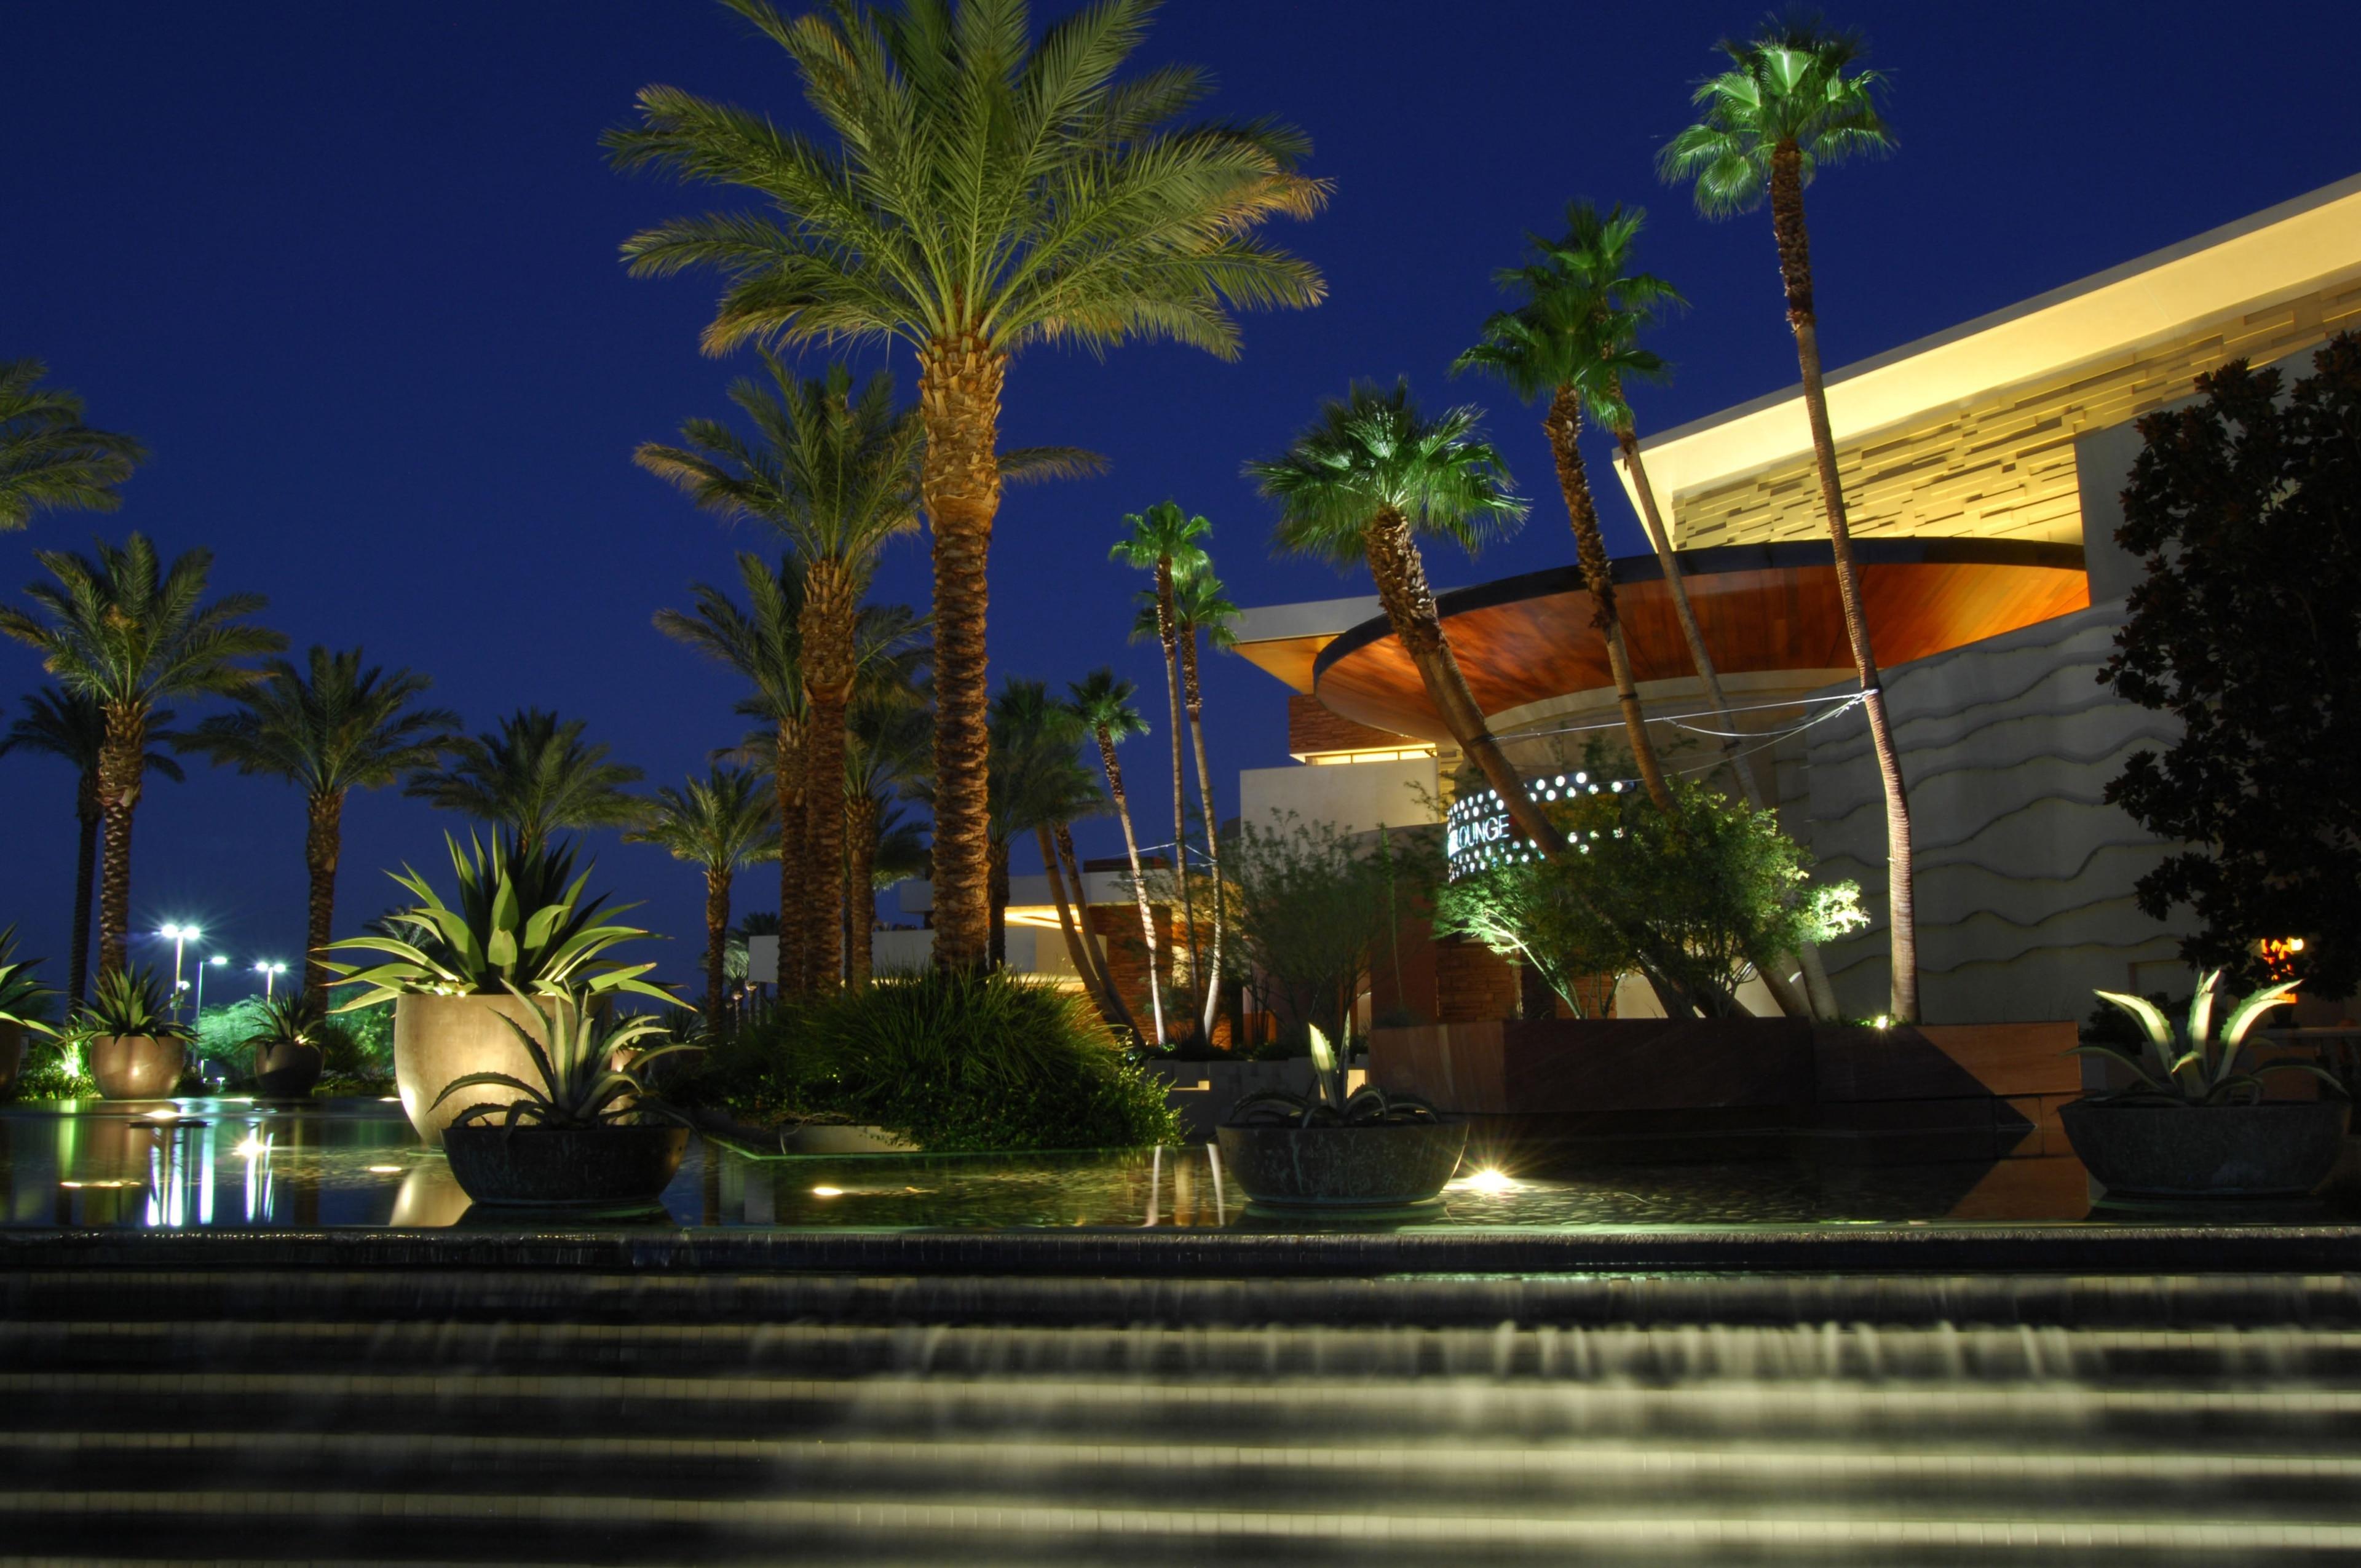 Summerlin, Las Vegas, Nevada, United States of America